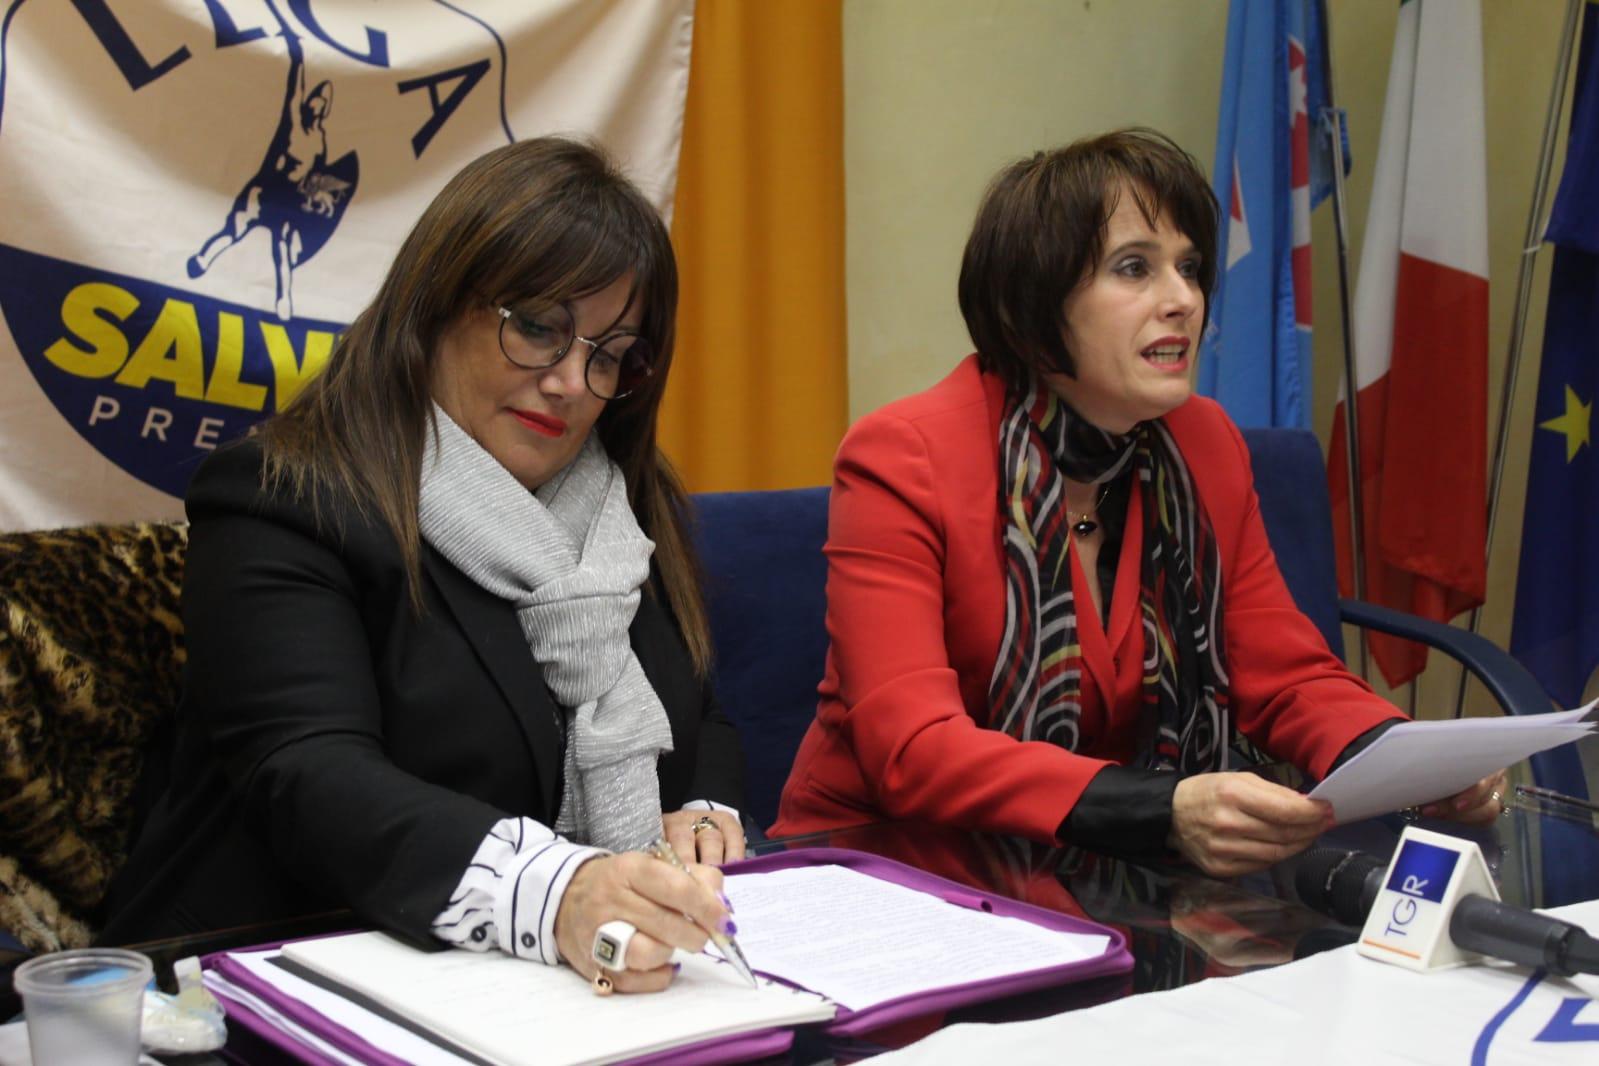 Cultura della sicurezza scolastica, approvata all'unanimità la proposta di legge della consigliera regionale Filomena Calenda.